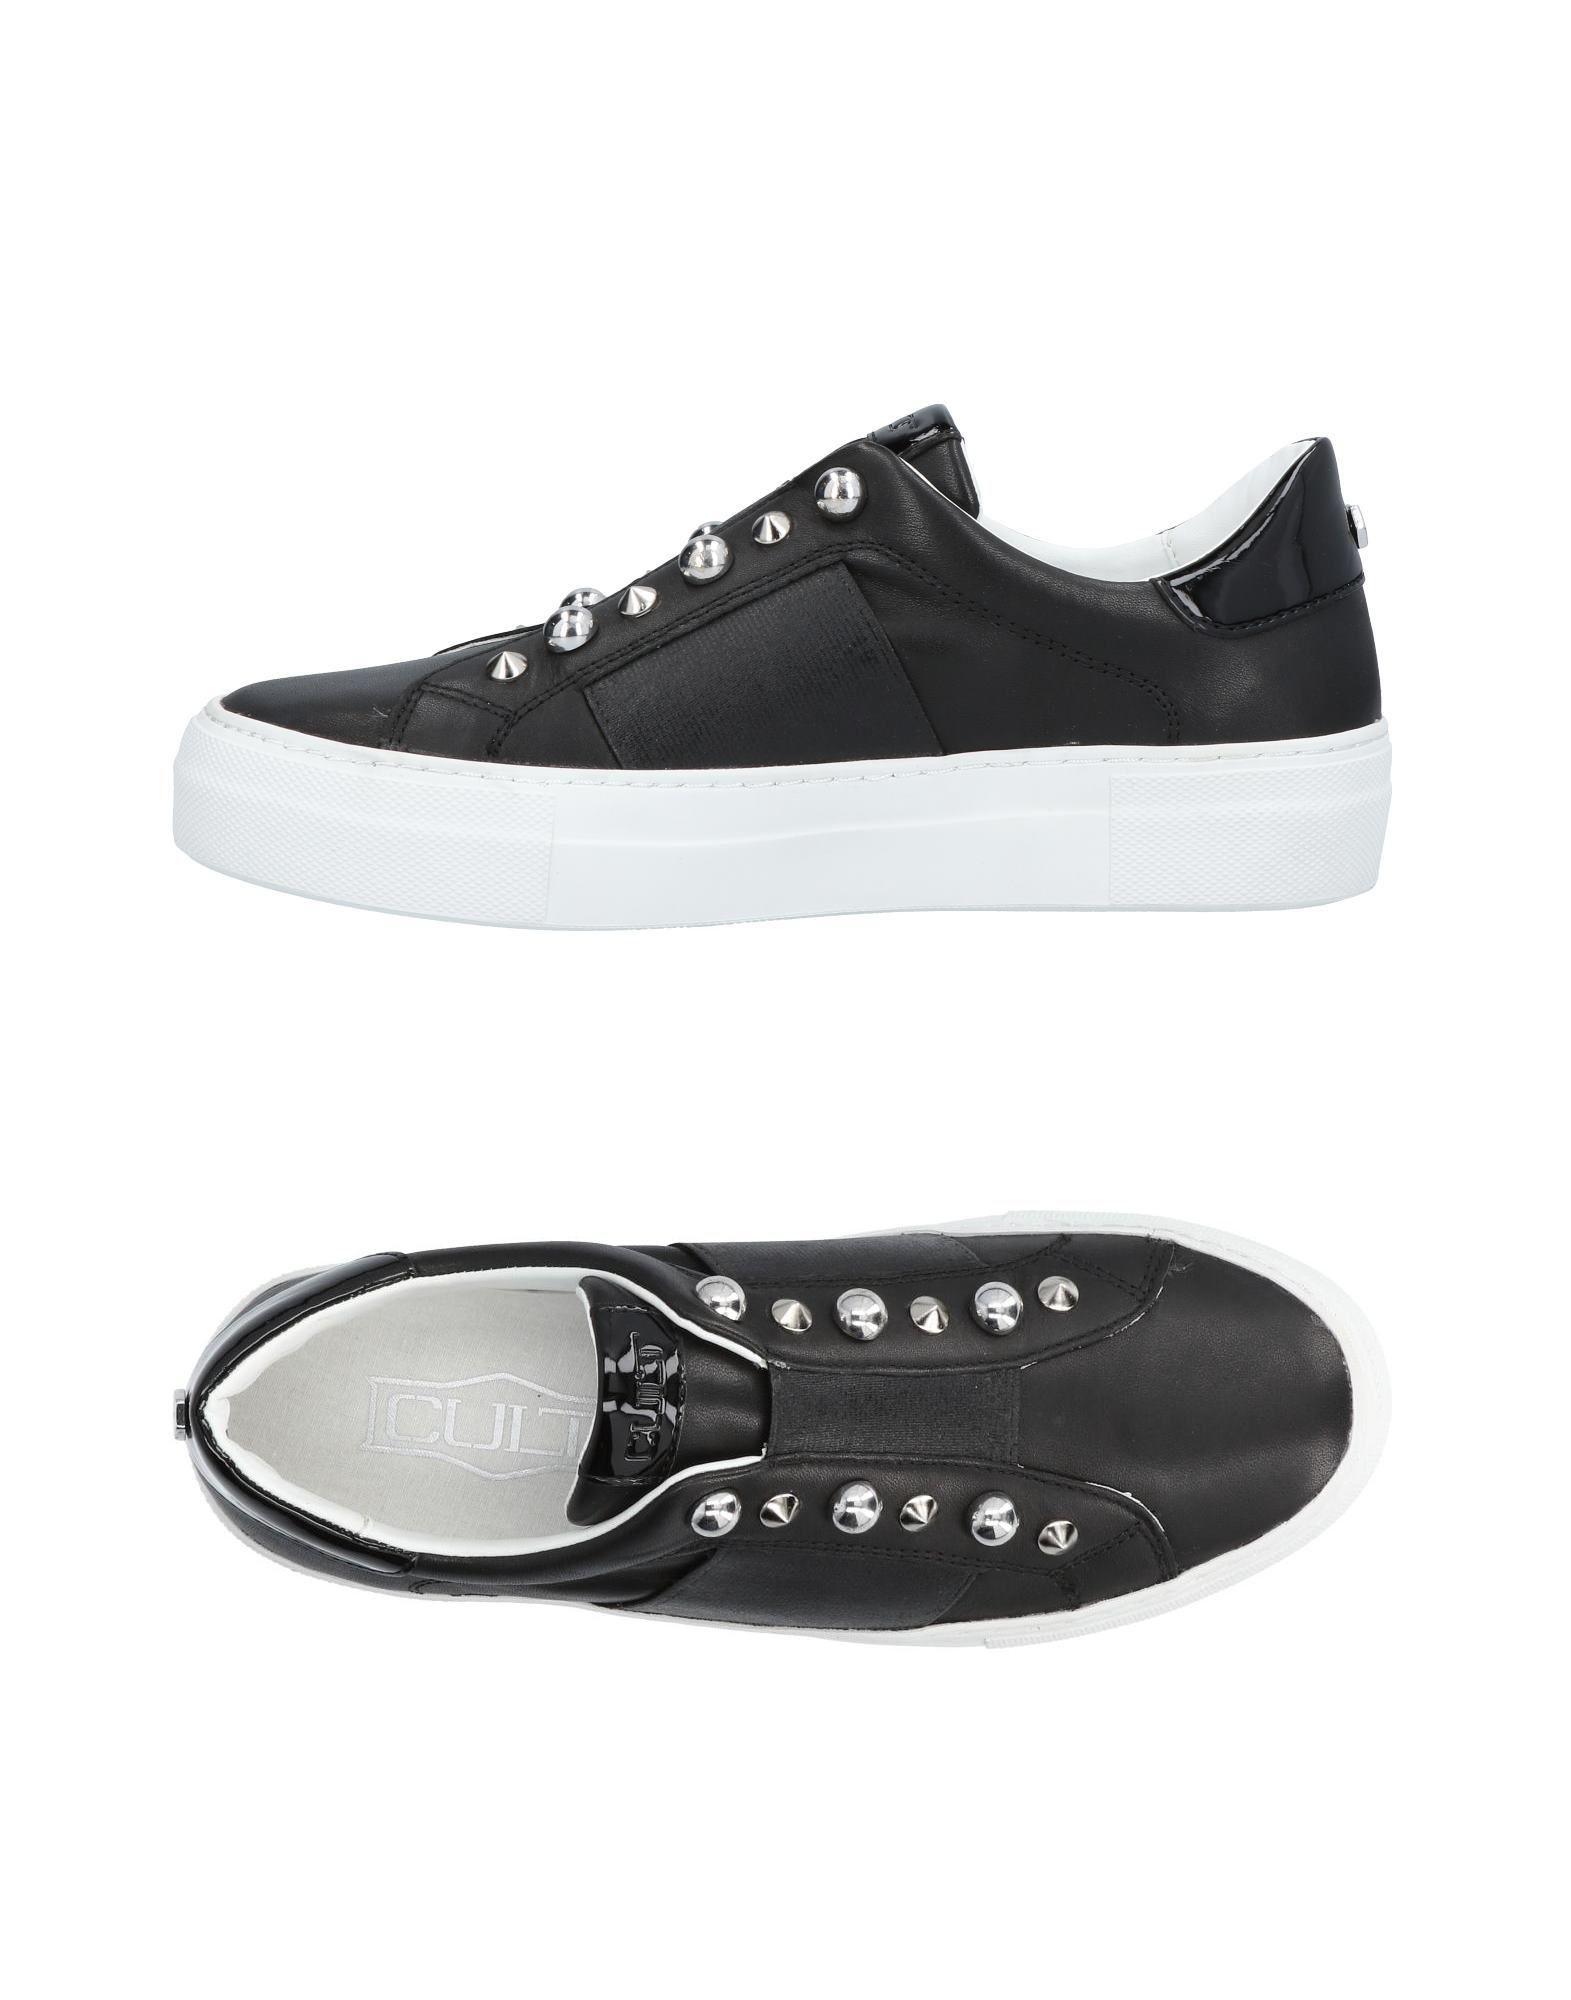 Sneakers Cult Donna - 11421618VV Scarpe economiche e buone